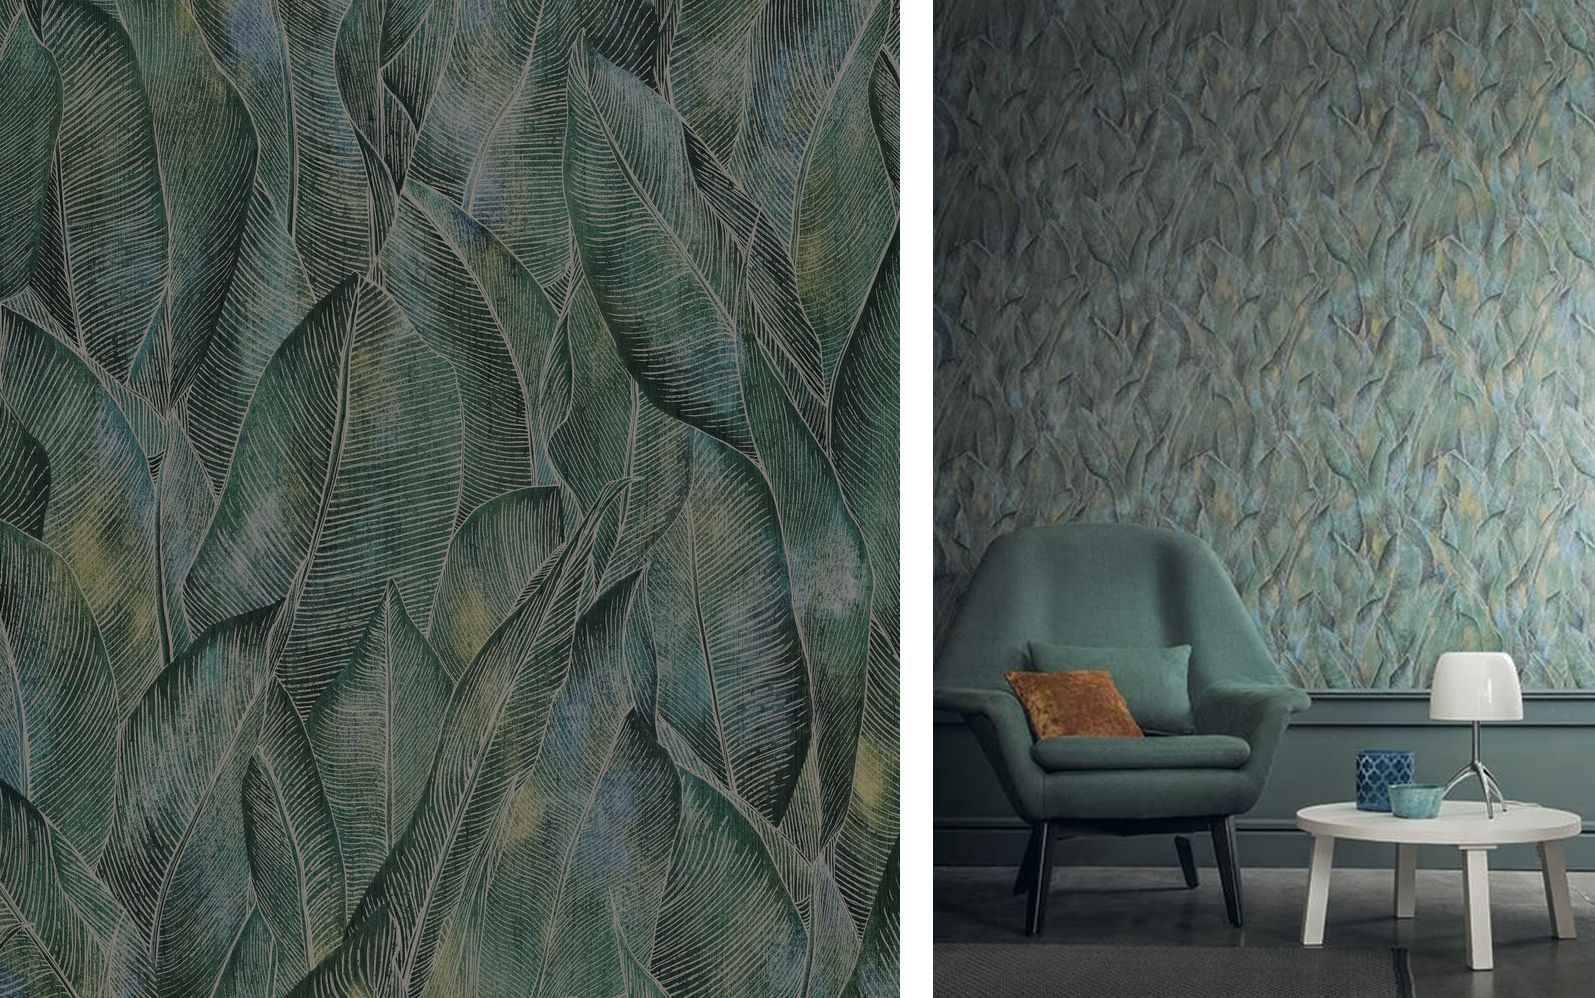 Hochwertig Moderne Wandgestaltung U2013 Tolle Tapeten Trends, Die Sie Unbedingt  Ausprobieren Sollen   Https: